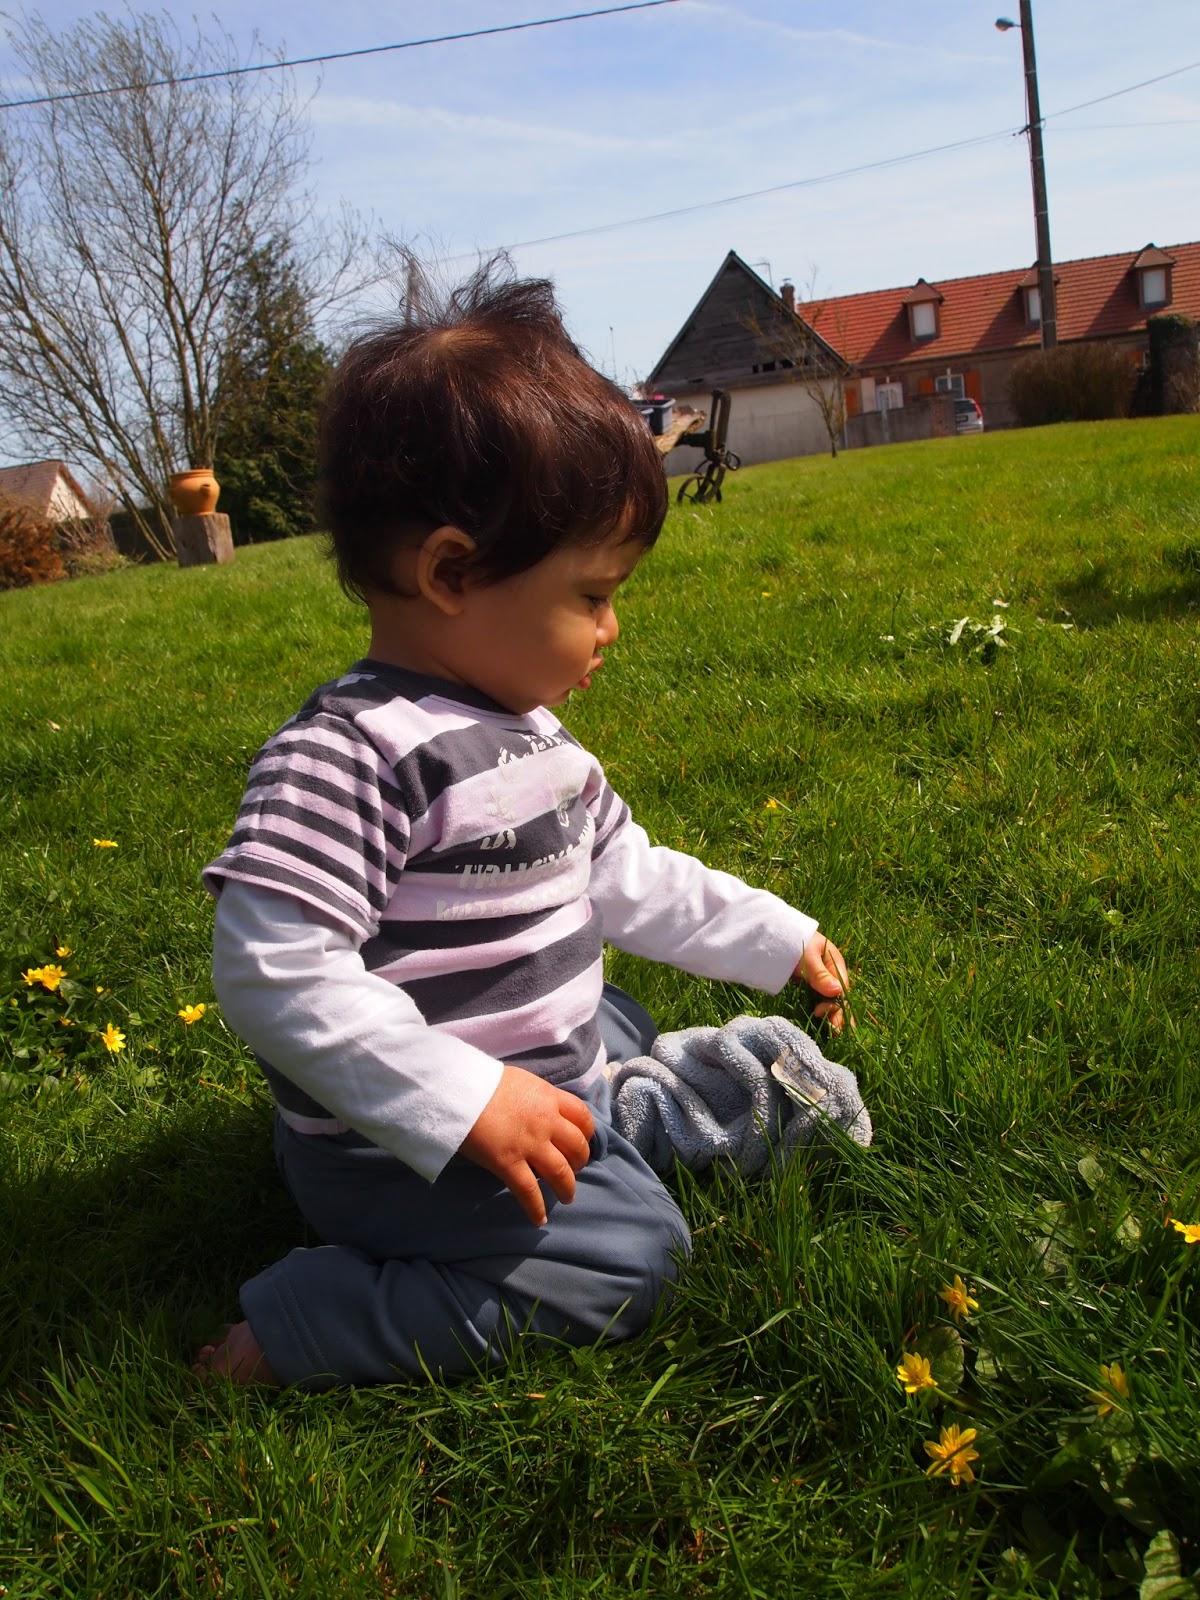 Dans le jardin de mamie dans la peau d 39 une fille - Mamie baise dans le jardin ...